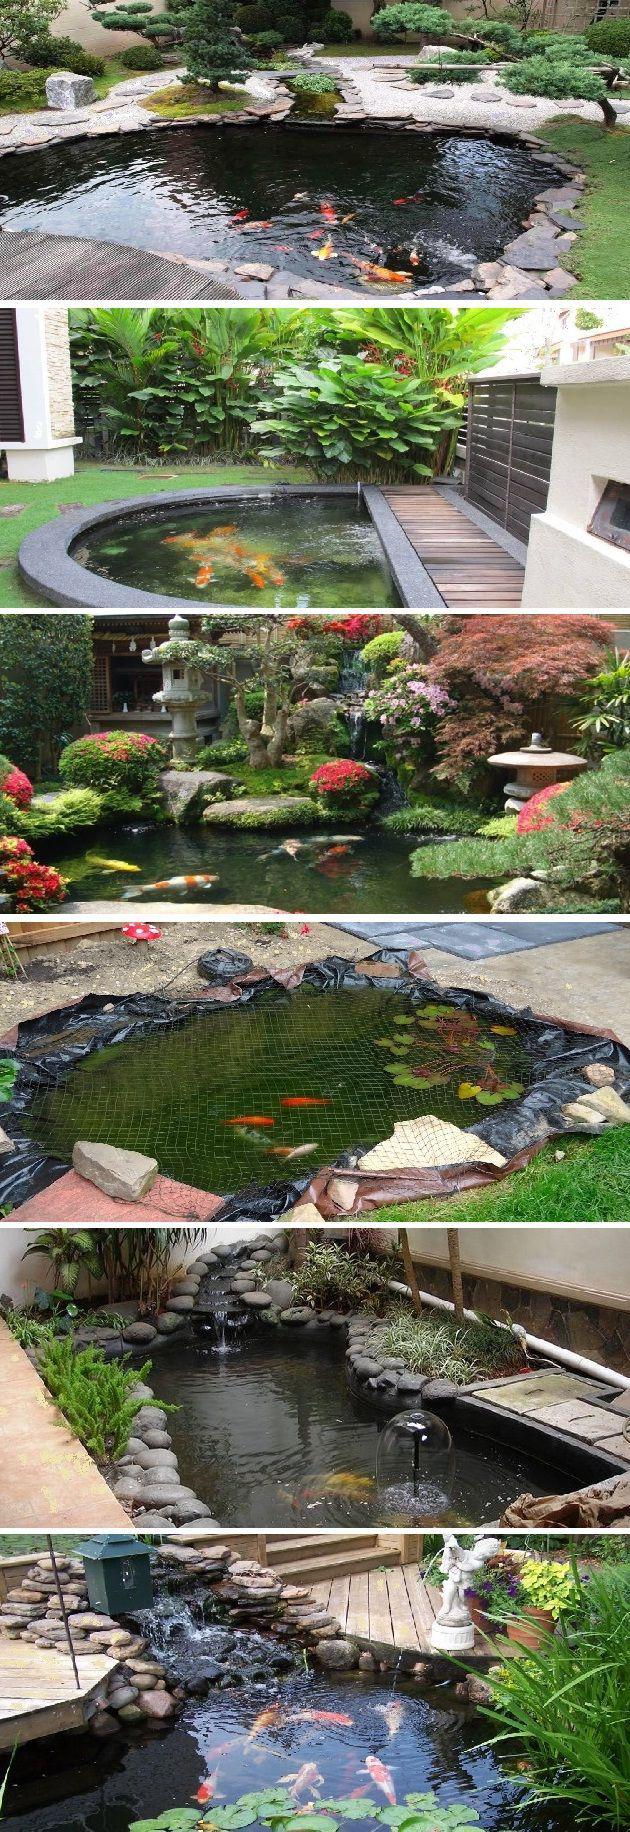 Small koi pond design ideas pond rocks decoration for Small pond care